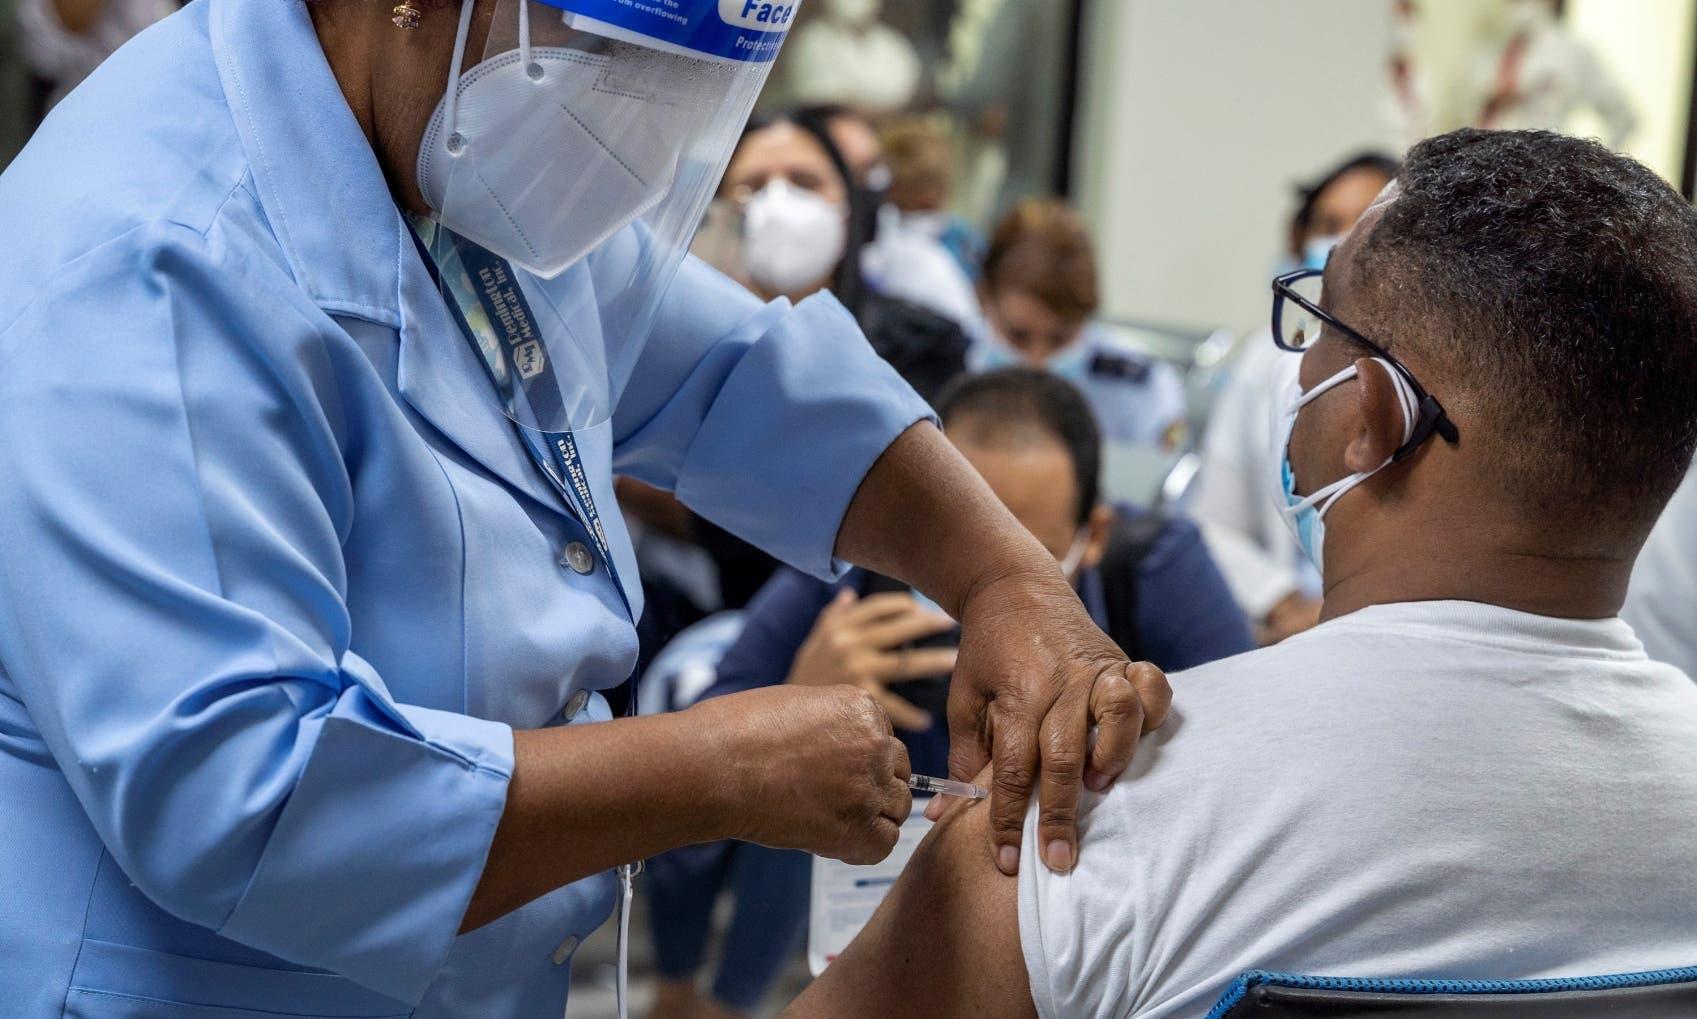 La incidencia de Covid-19 sigue baja; solo se reportan 5 mil con el virus